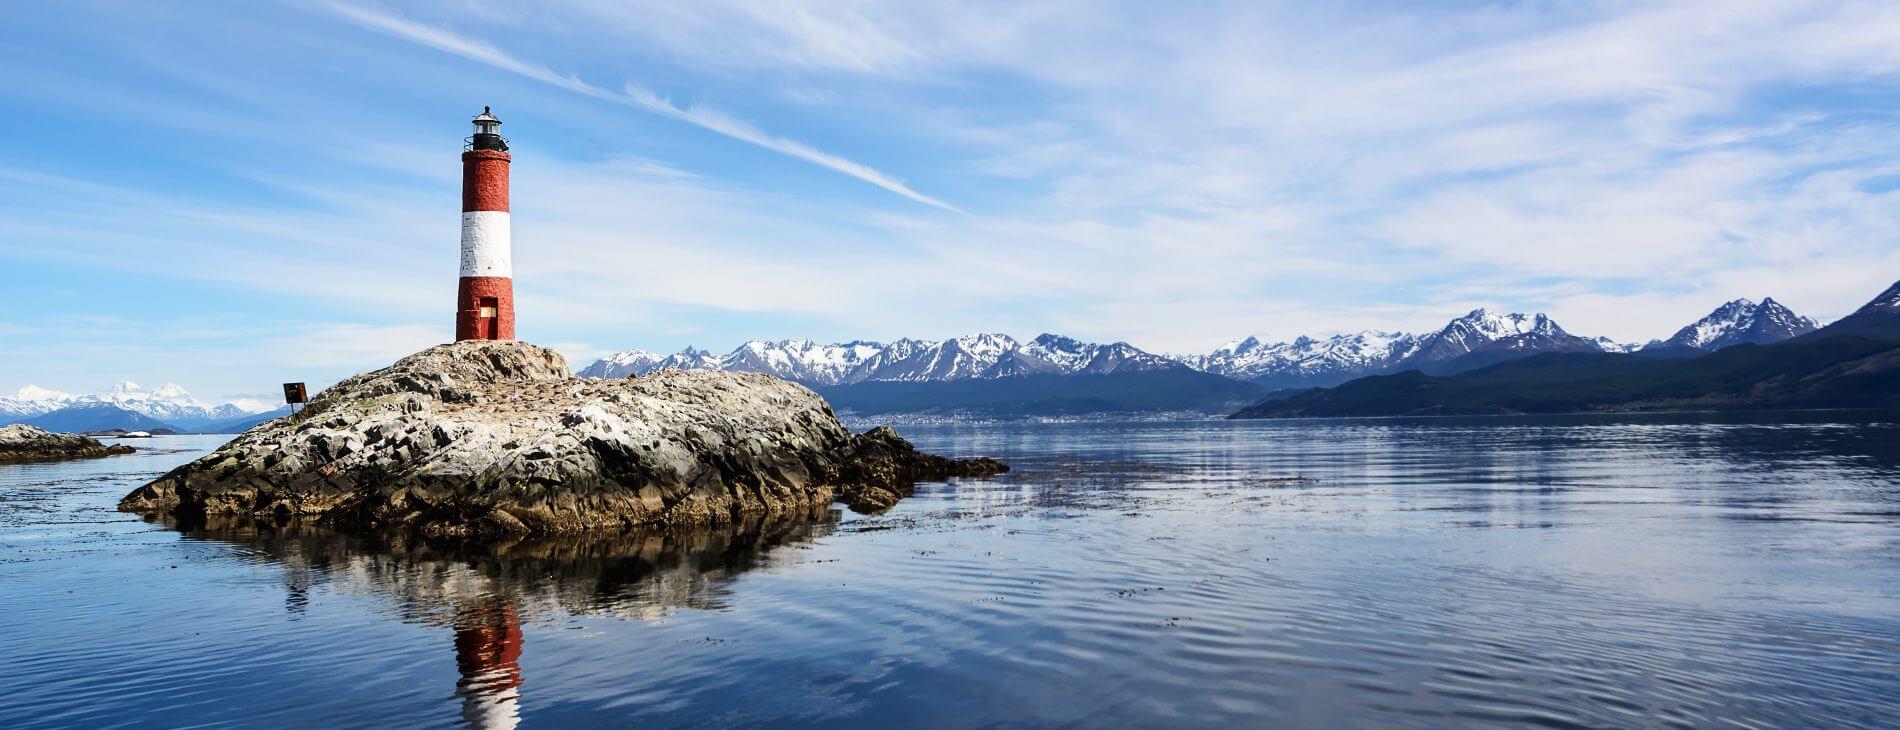 Mastroviaggiatore Patagonia Emozioni della - Faro Beagle Channel